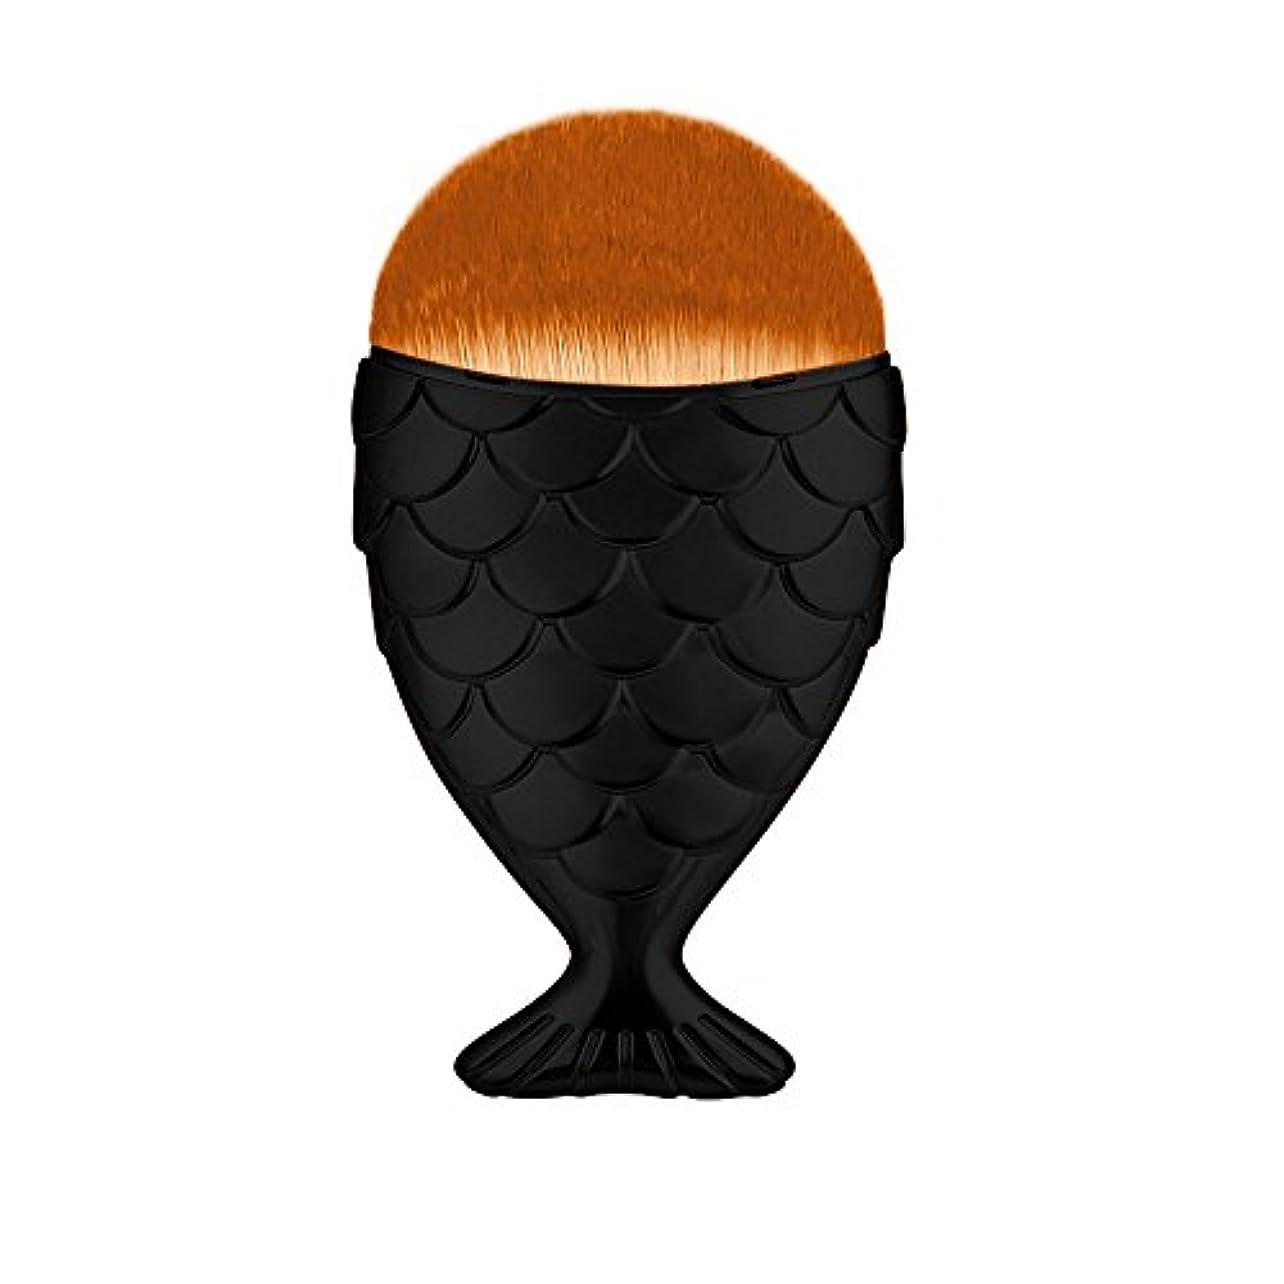 シンポジウム不公平の前で(プタス)Putars メイクブラシ ファンデーションブラシ マーメイド 黒 6*1.5*11cm 化粧ブラシ ふわふわ お肌に優しい 毛量たっぷり メイク道具 プレゼント